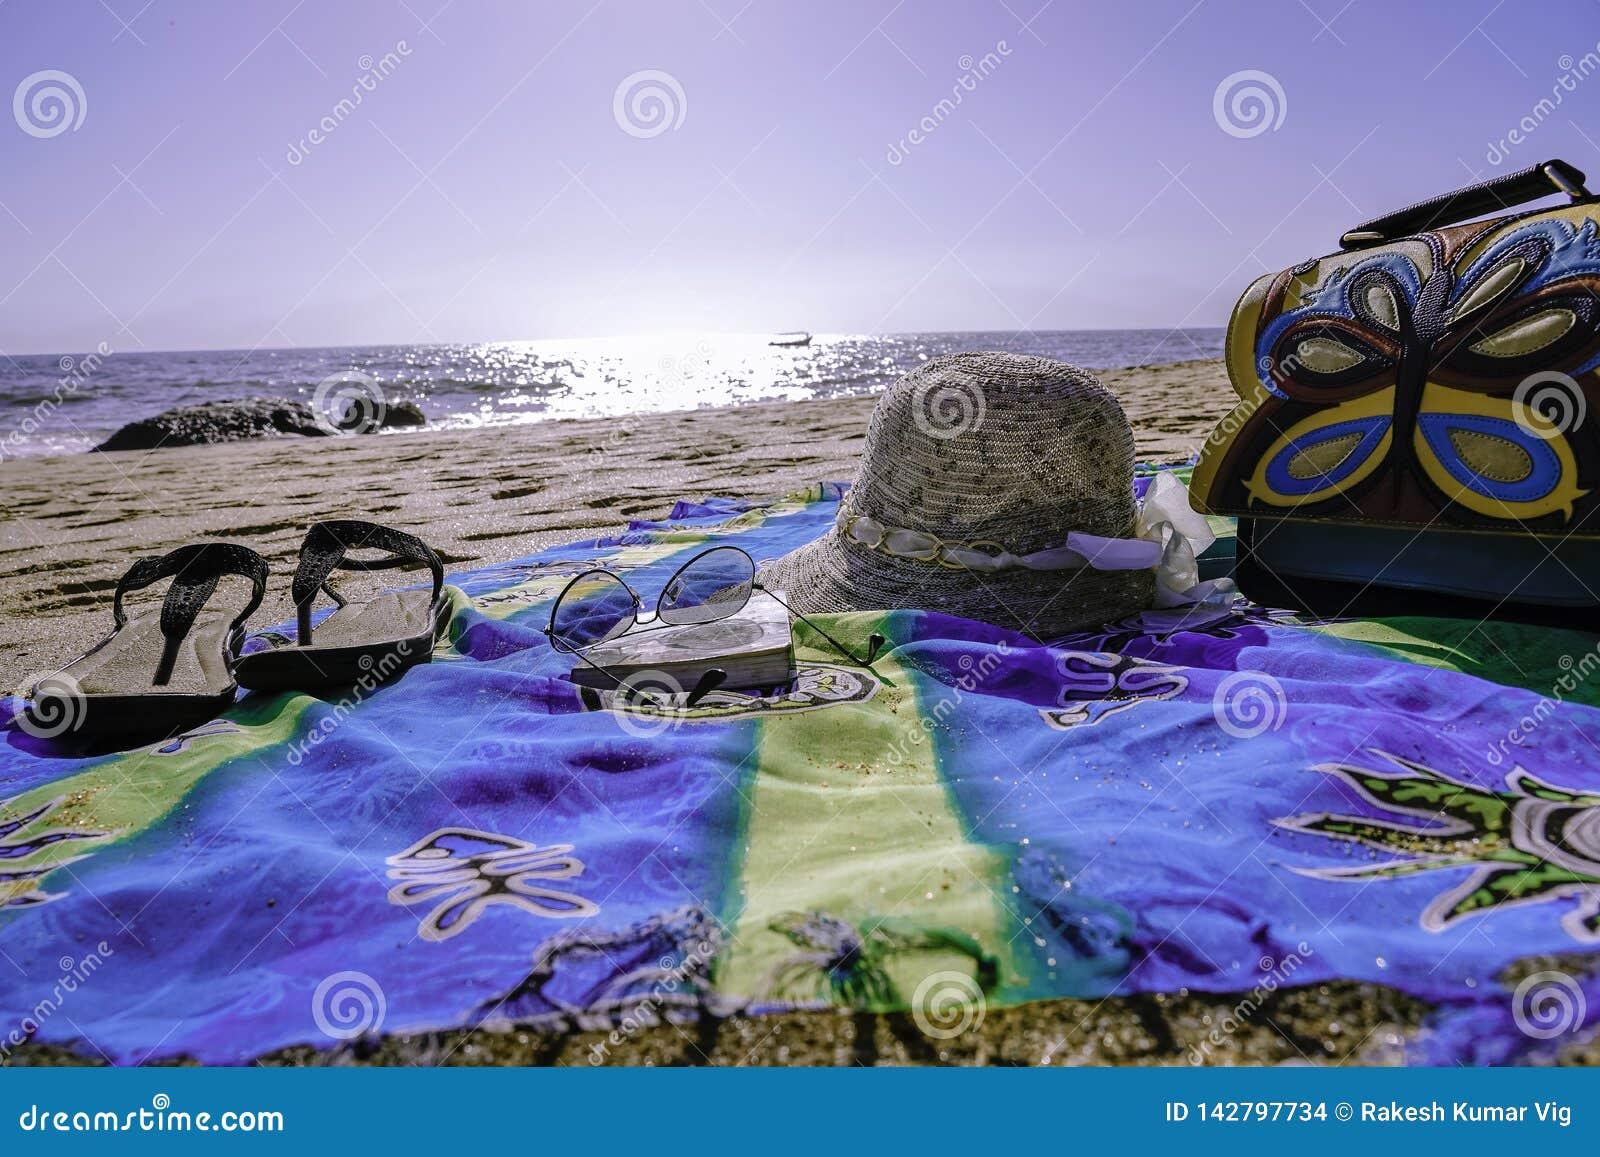 Swag op het strand met de beschermende brillen van de pantoffelshoed en een zak